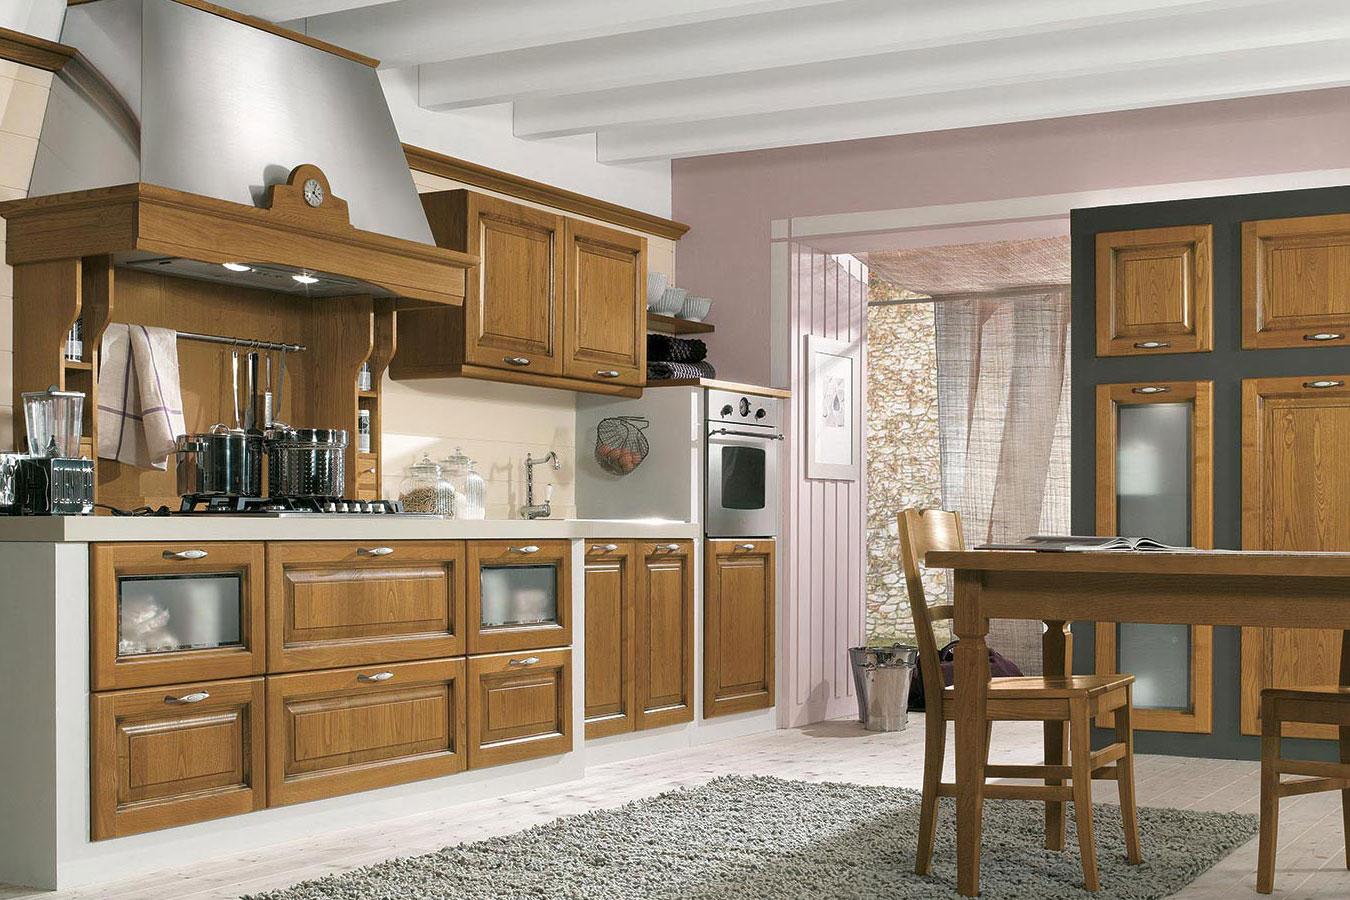 Cucina classica Diana di Arredo3 da righetti mobili a Novara Piemonte